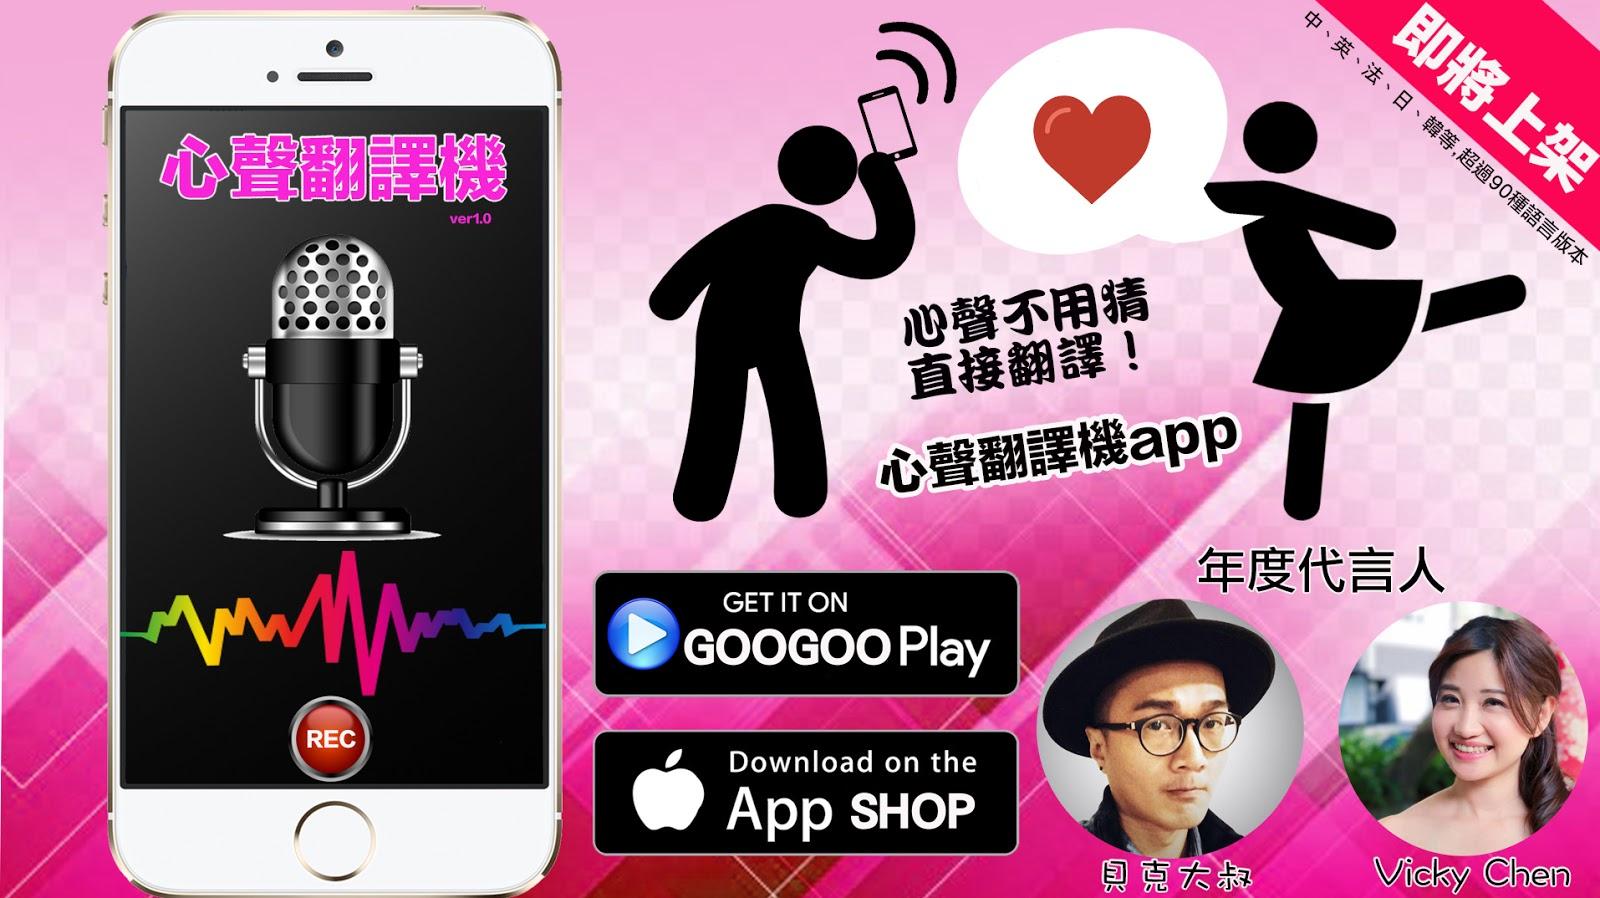 心聲翻譯機app-不用再猜了,這款app幫你翻譯女生的心聲!